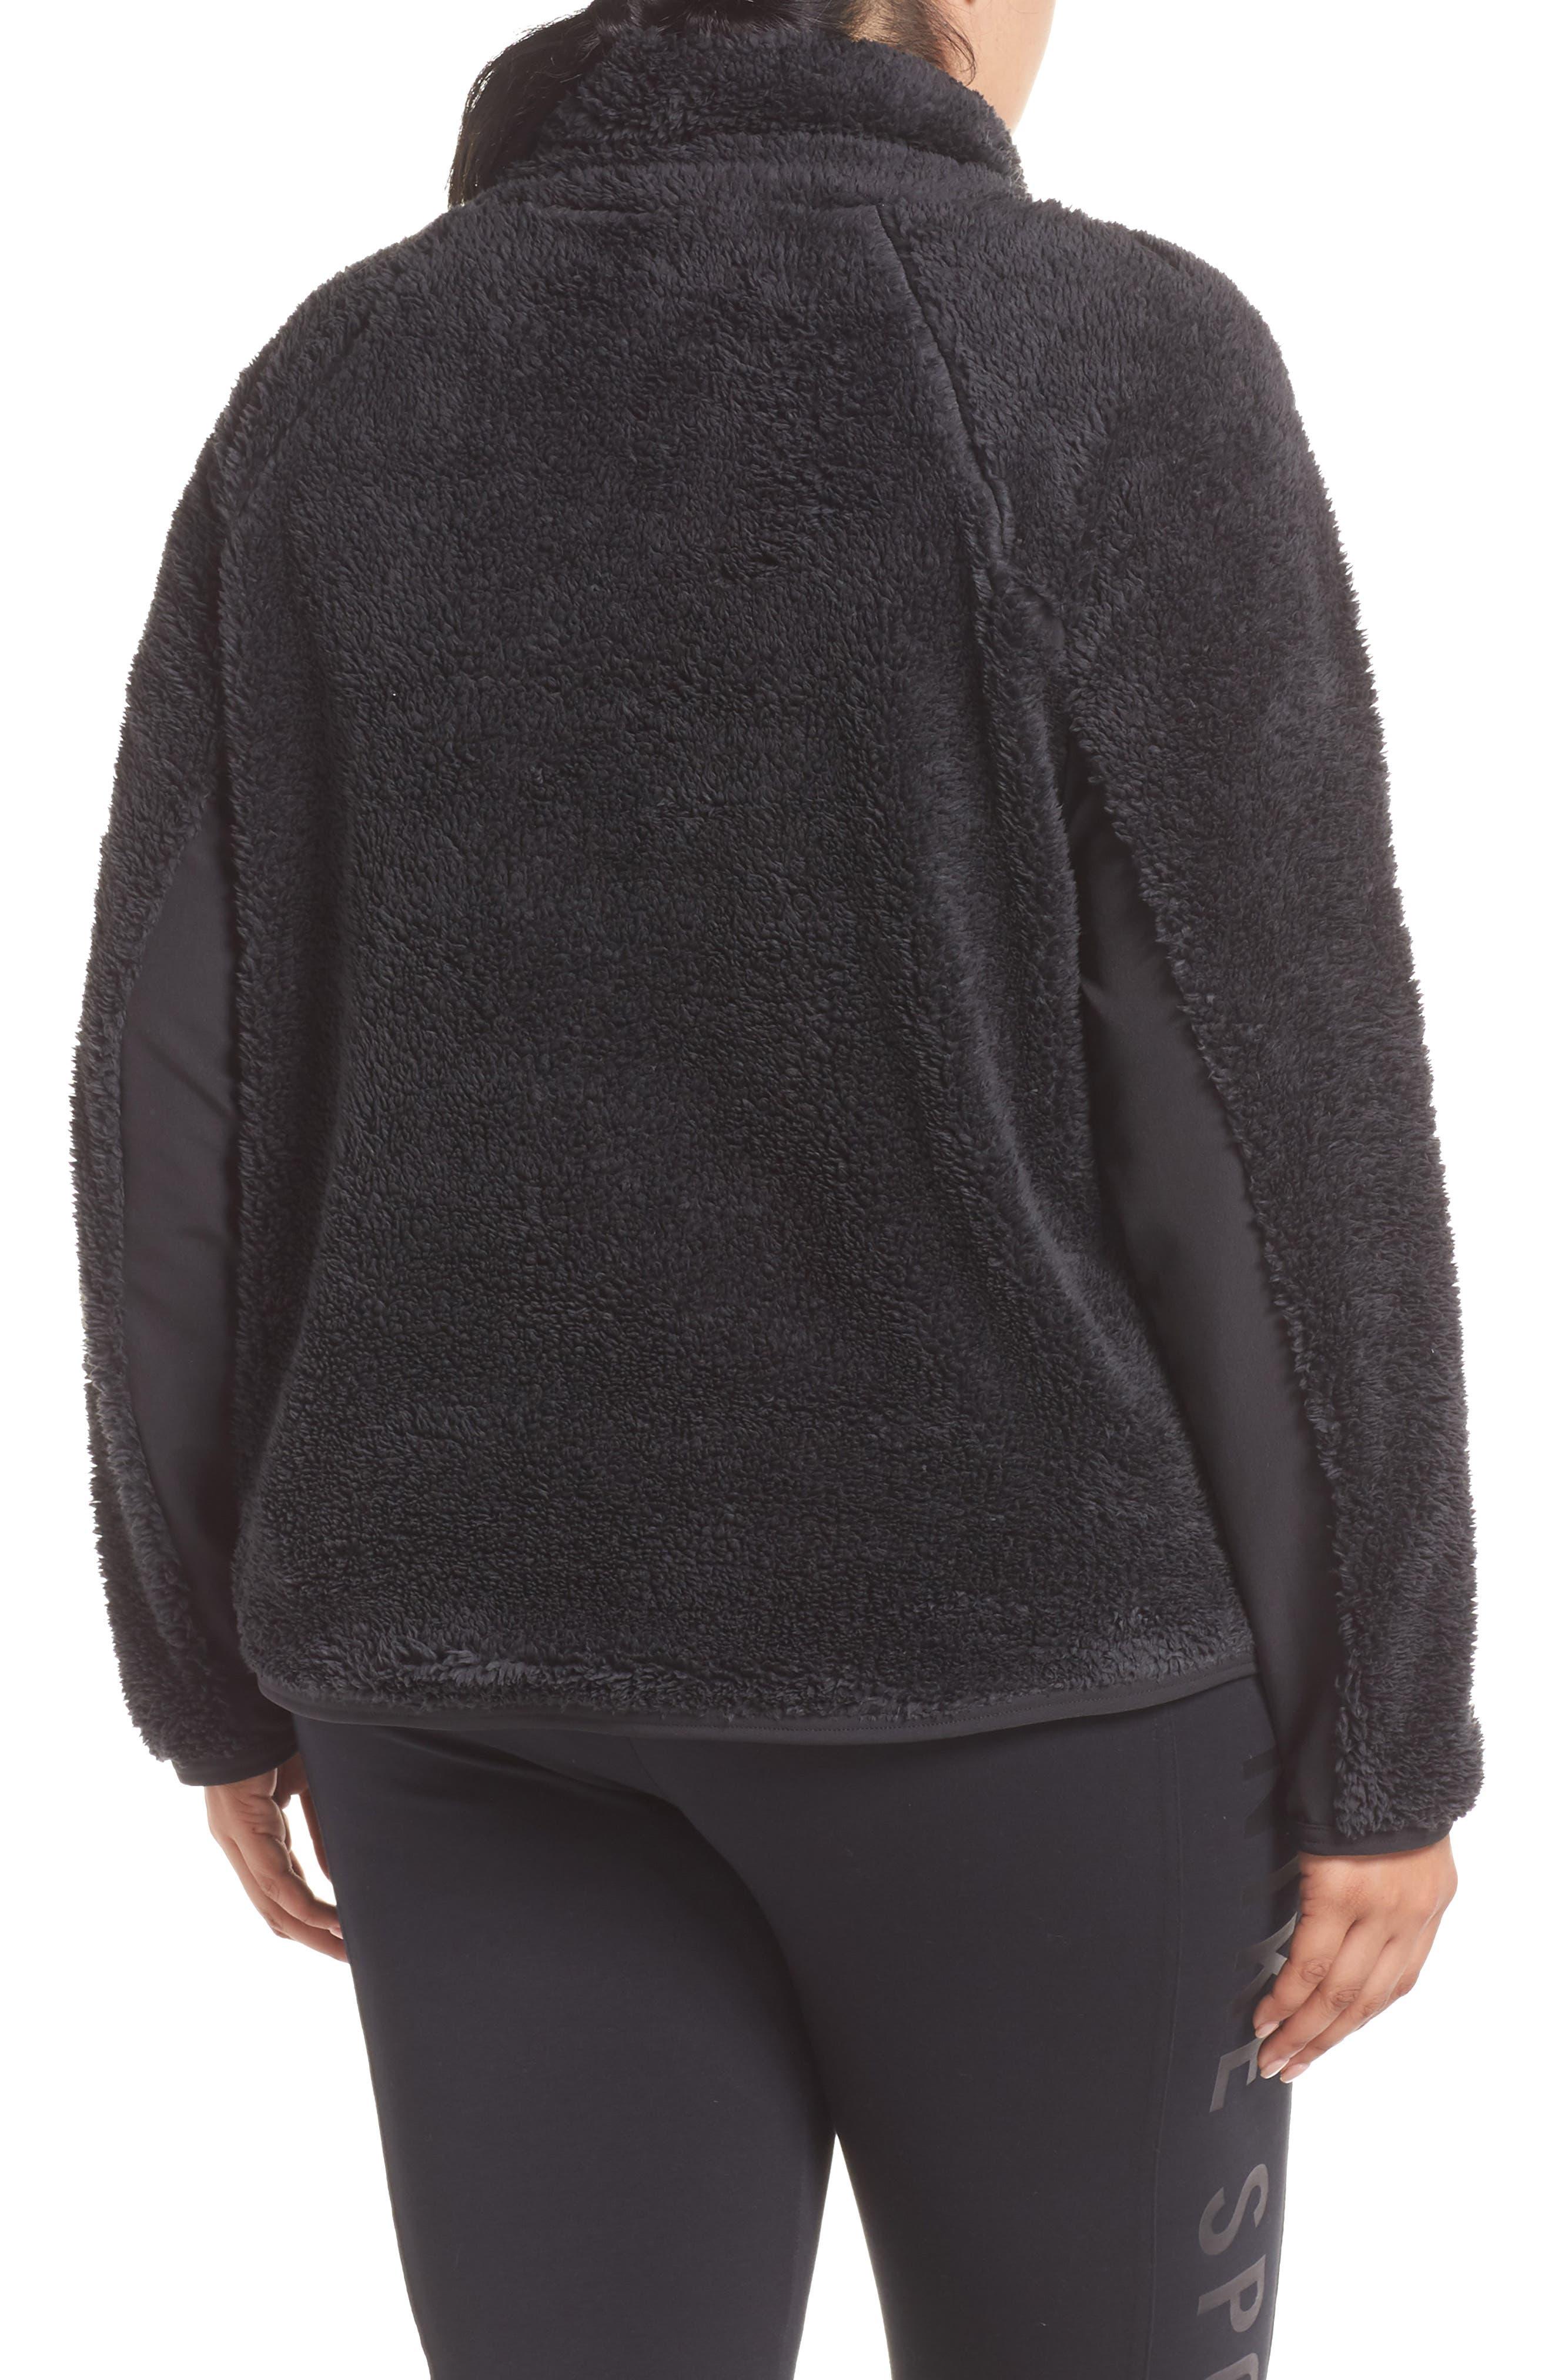 NIKE,                             Faux Shearling Pullover,                             Alternate thumbnail 2, color,                             BLACK/ BLACK